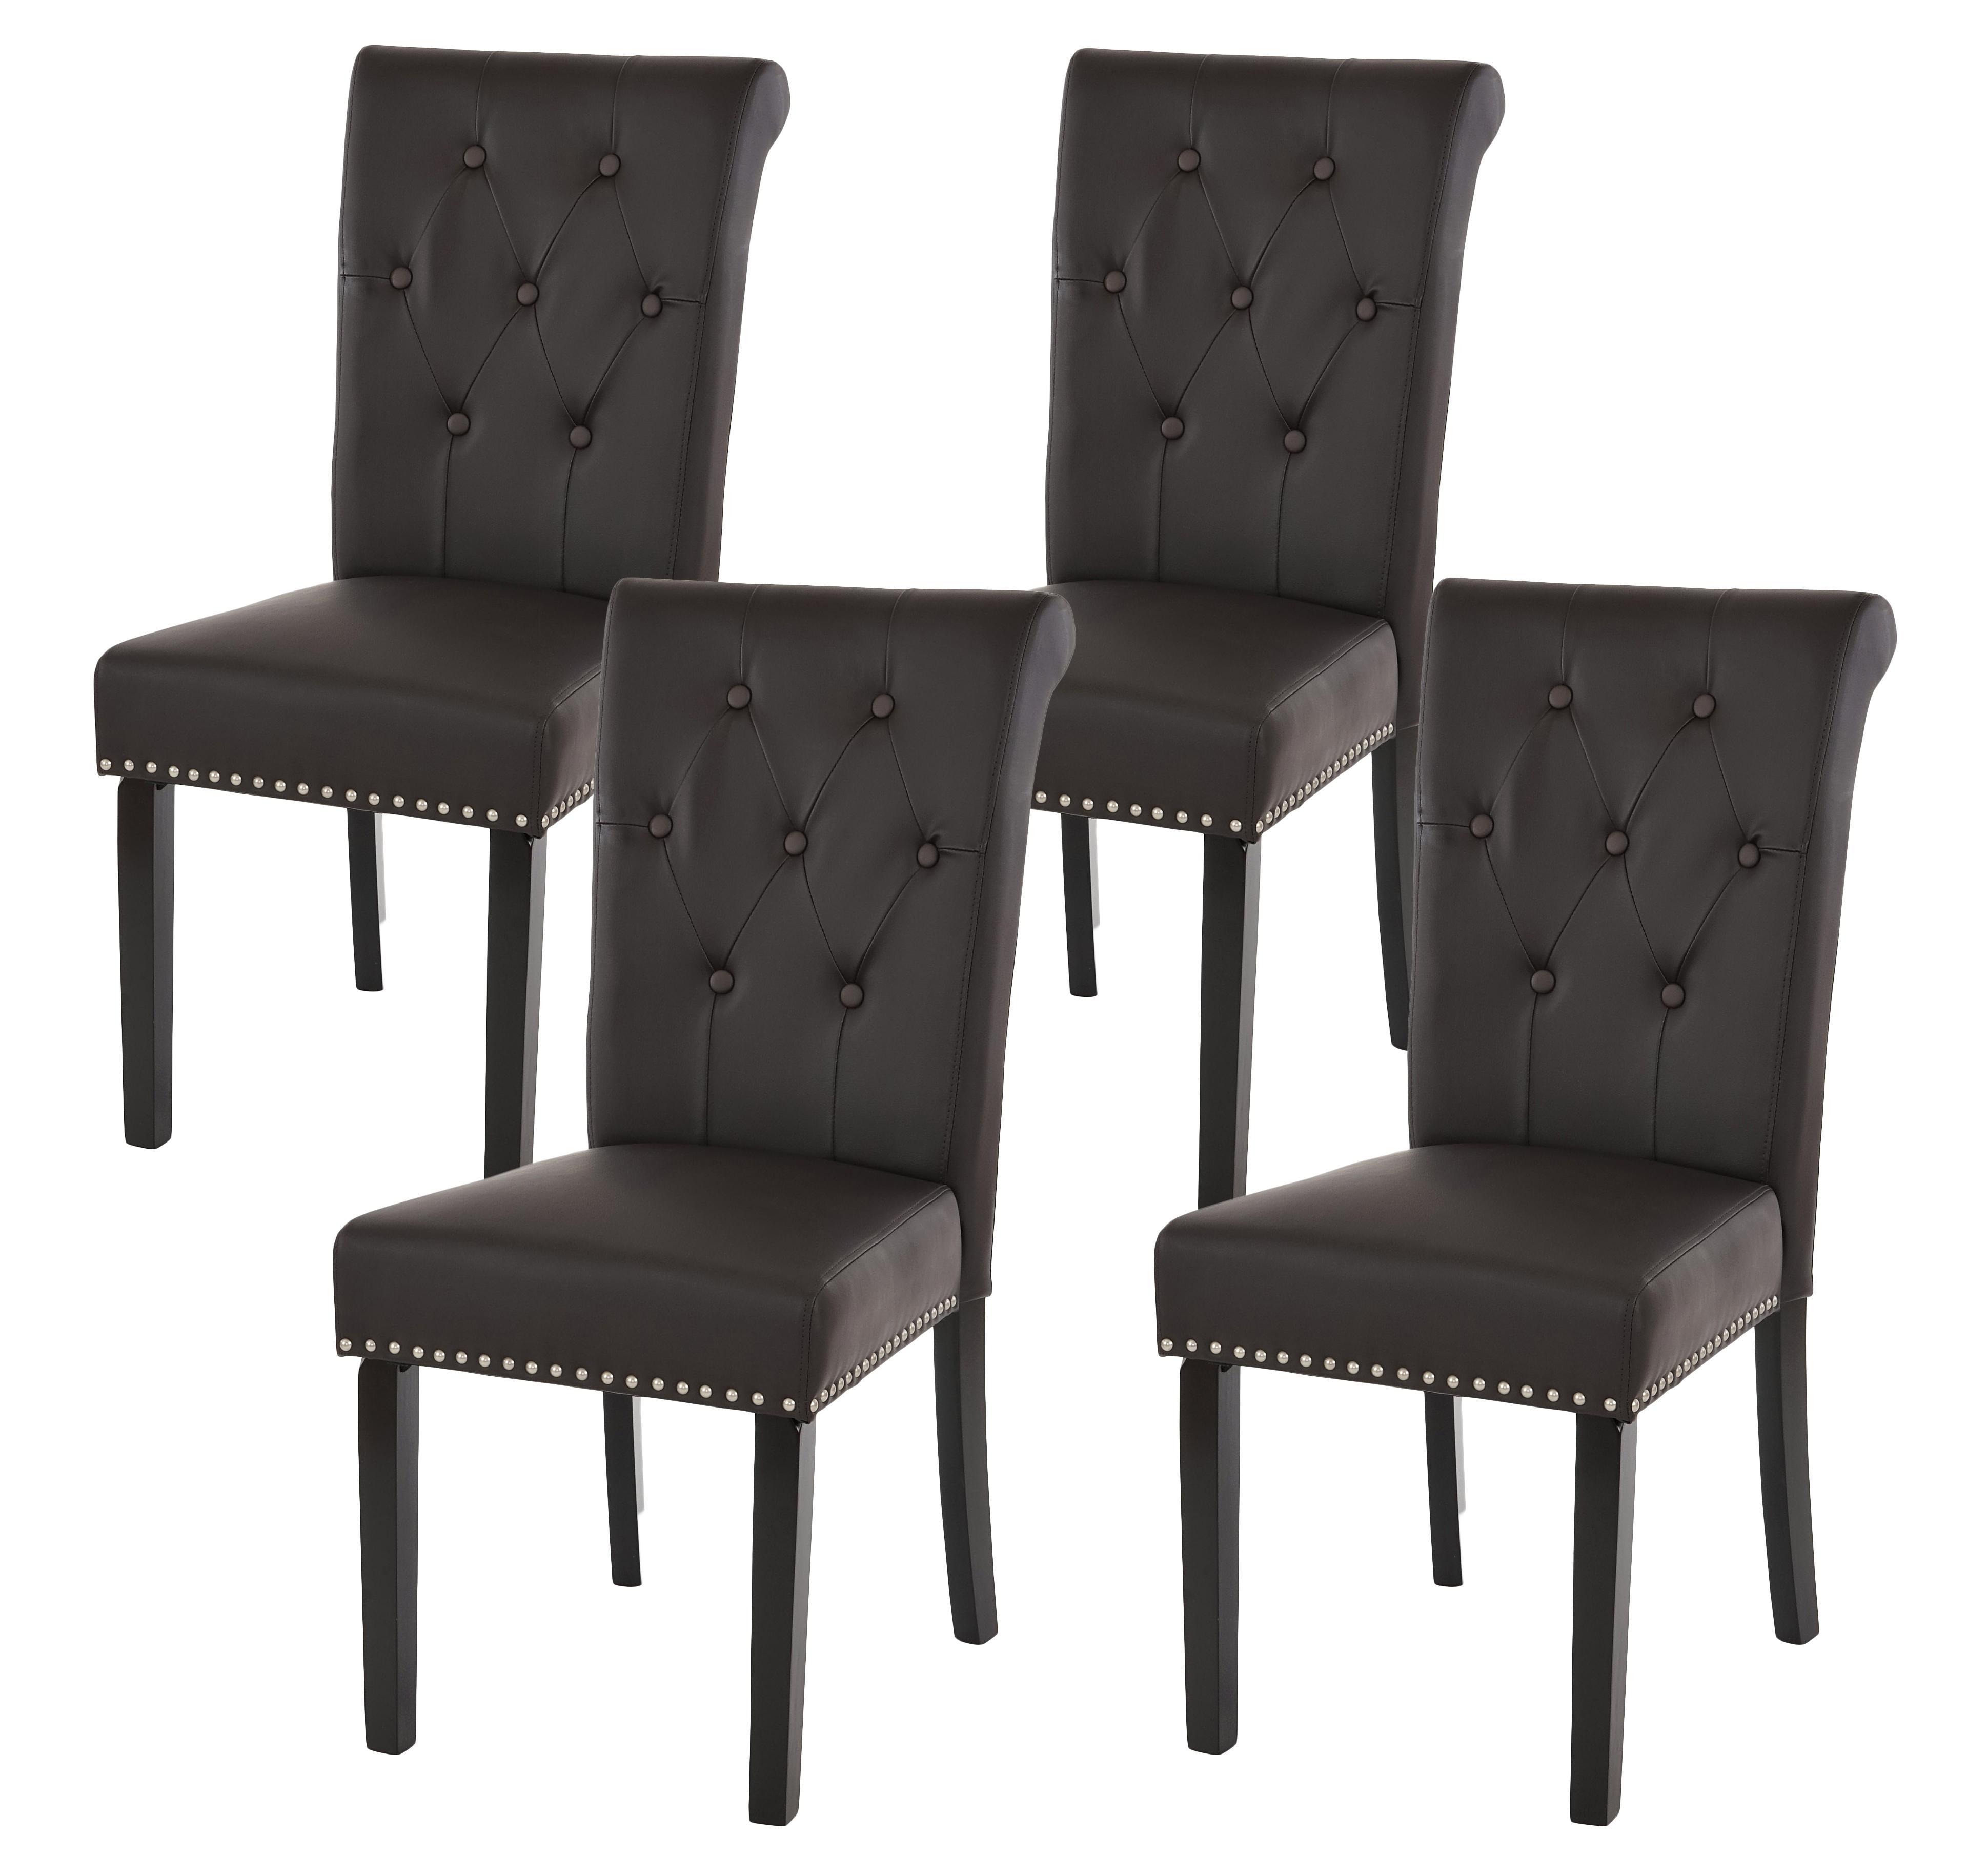 Conjunto de 4 sillas de comedor odesa piel marr n y patas for Sillas de comedor tapizadas en gris